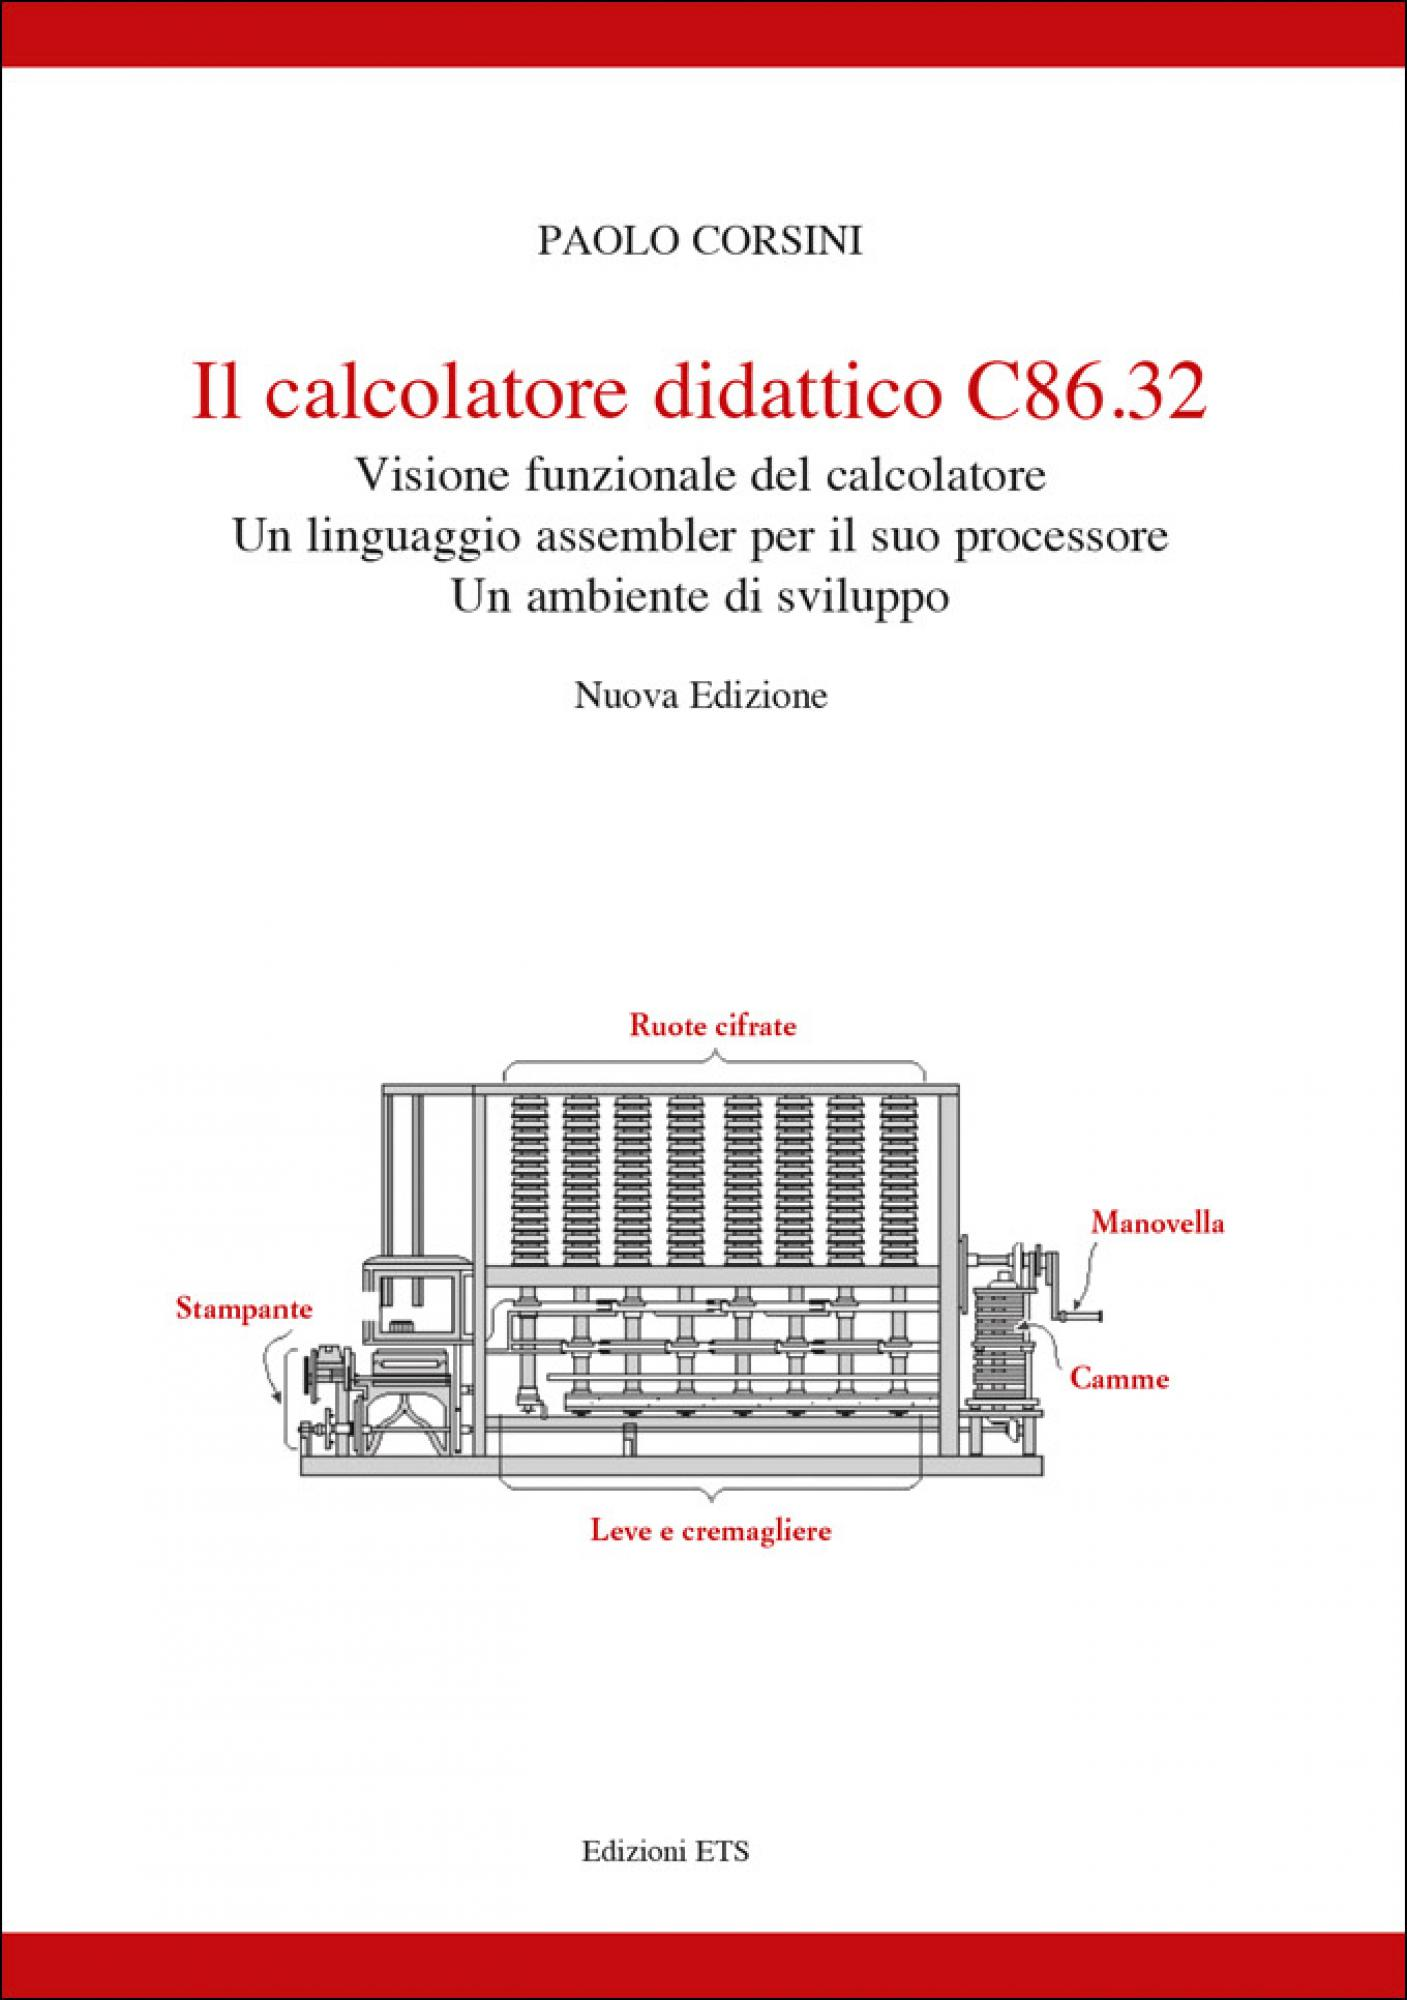 Il calcolatore didattico C86.32.Visione funzionale del calcolatore. Un linguaggio assembler per il suo processore. Un ambiente di sviluppo